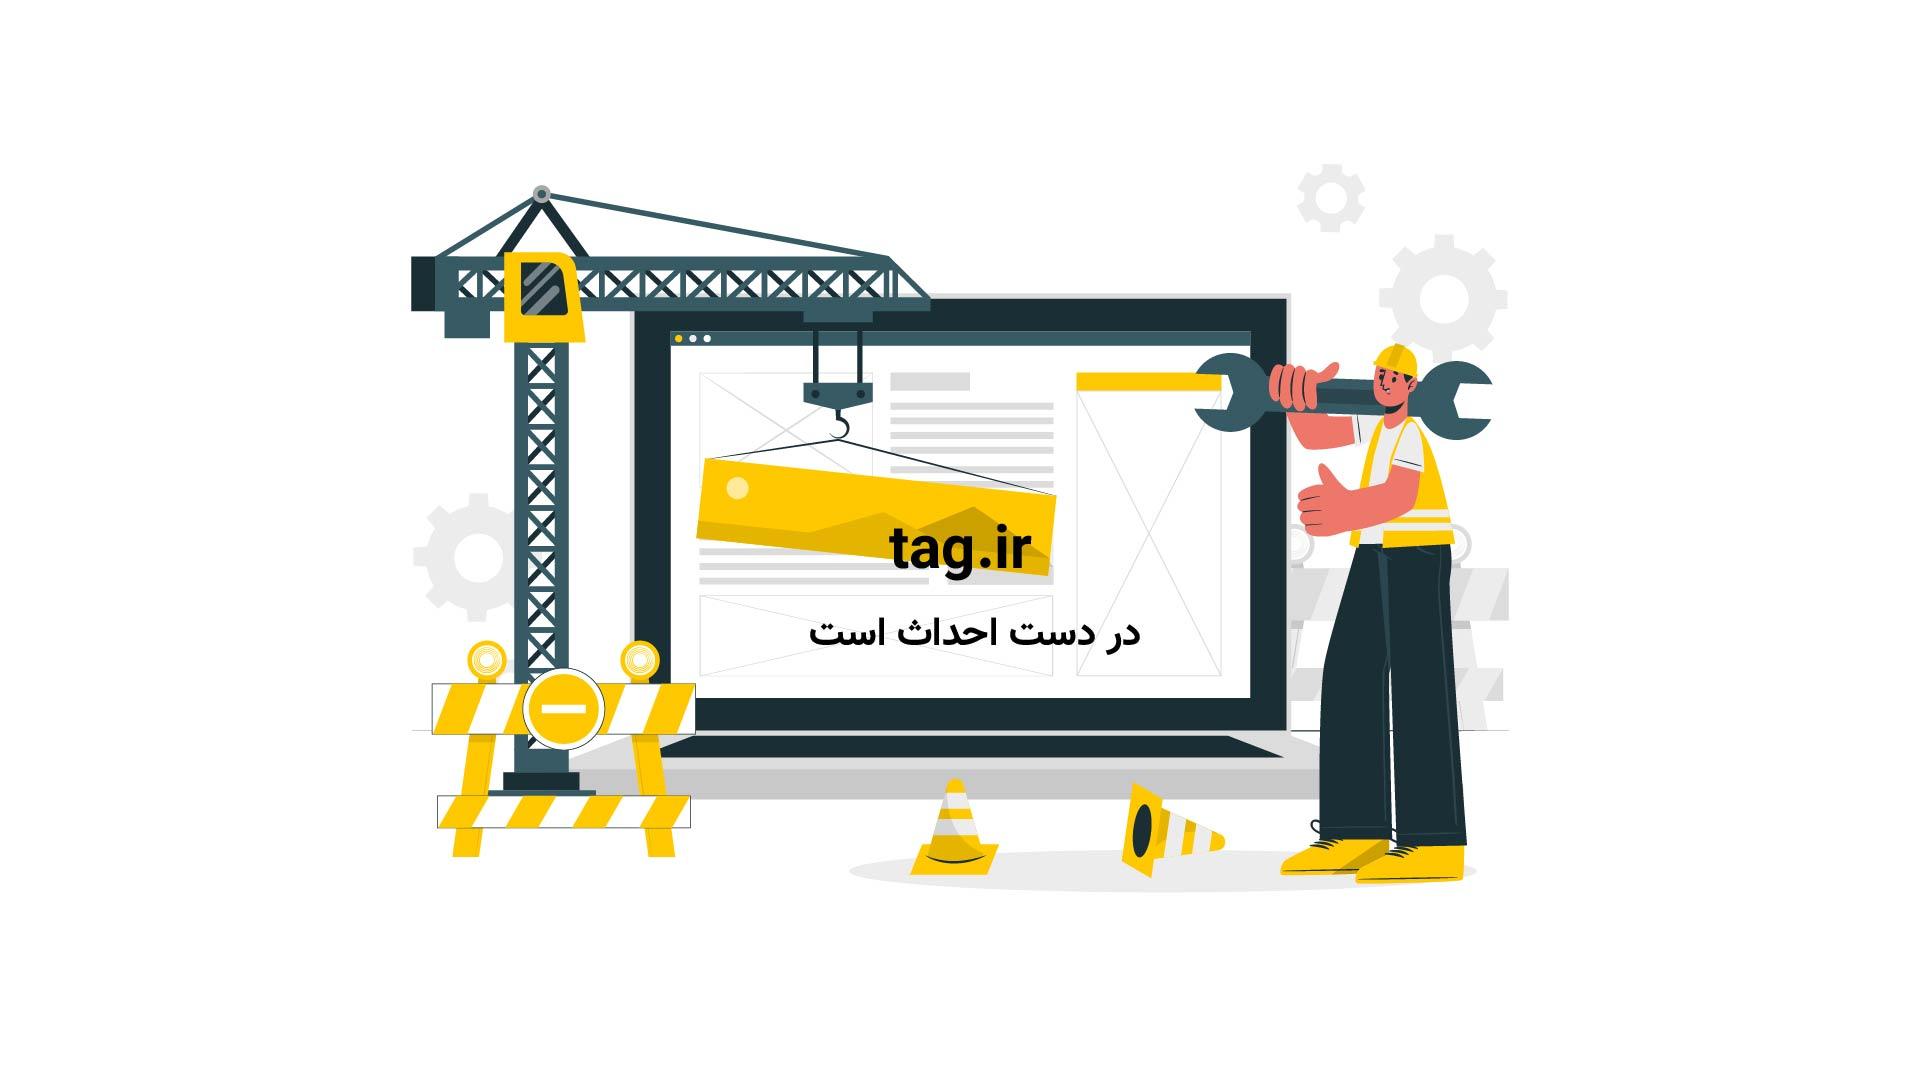 کیت بری به ما نشان می دهد که چگونه ذهن؛ بدن ما را گول می زند | فیلم